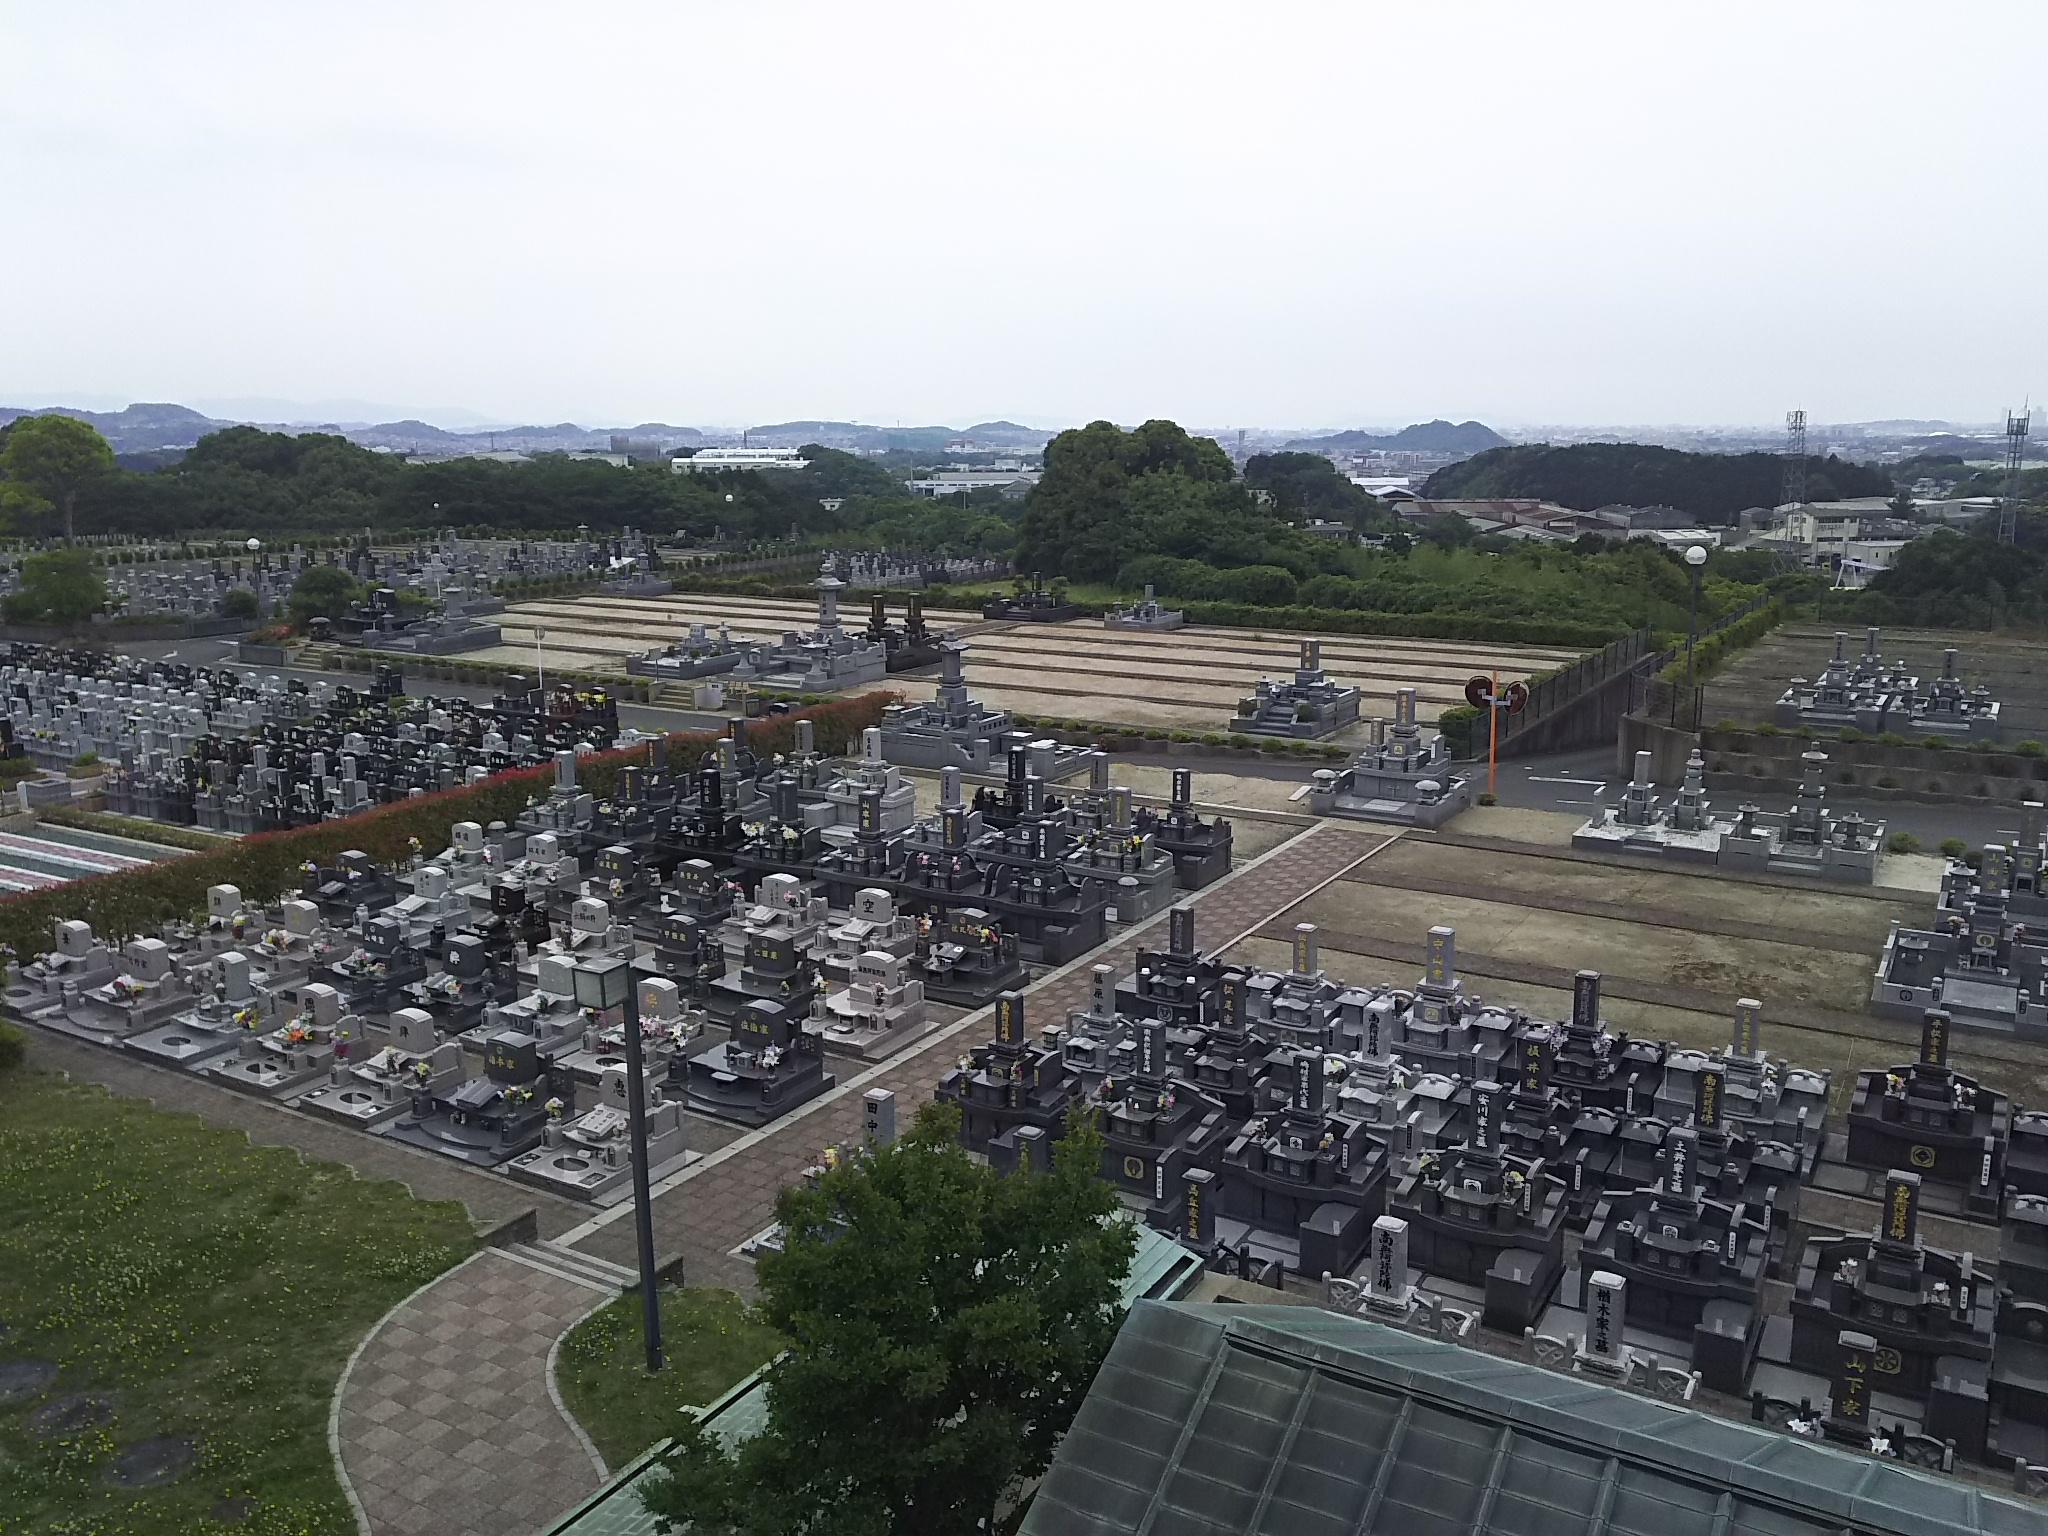 福岡市内を一望できるロケーション 博多霊苑